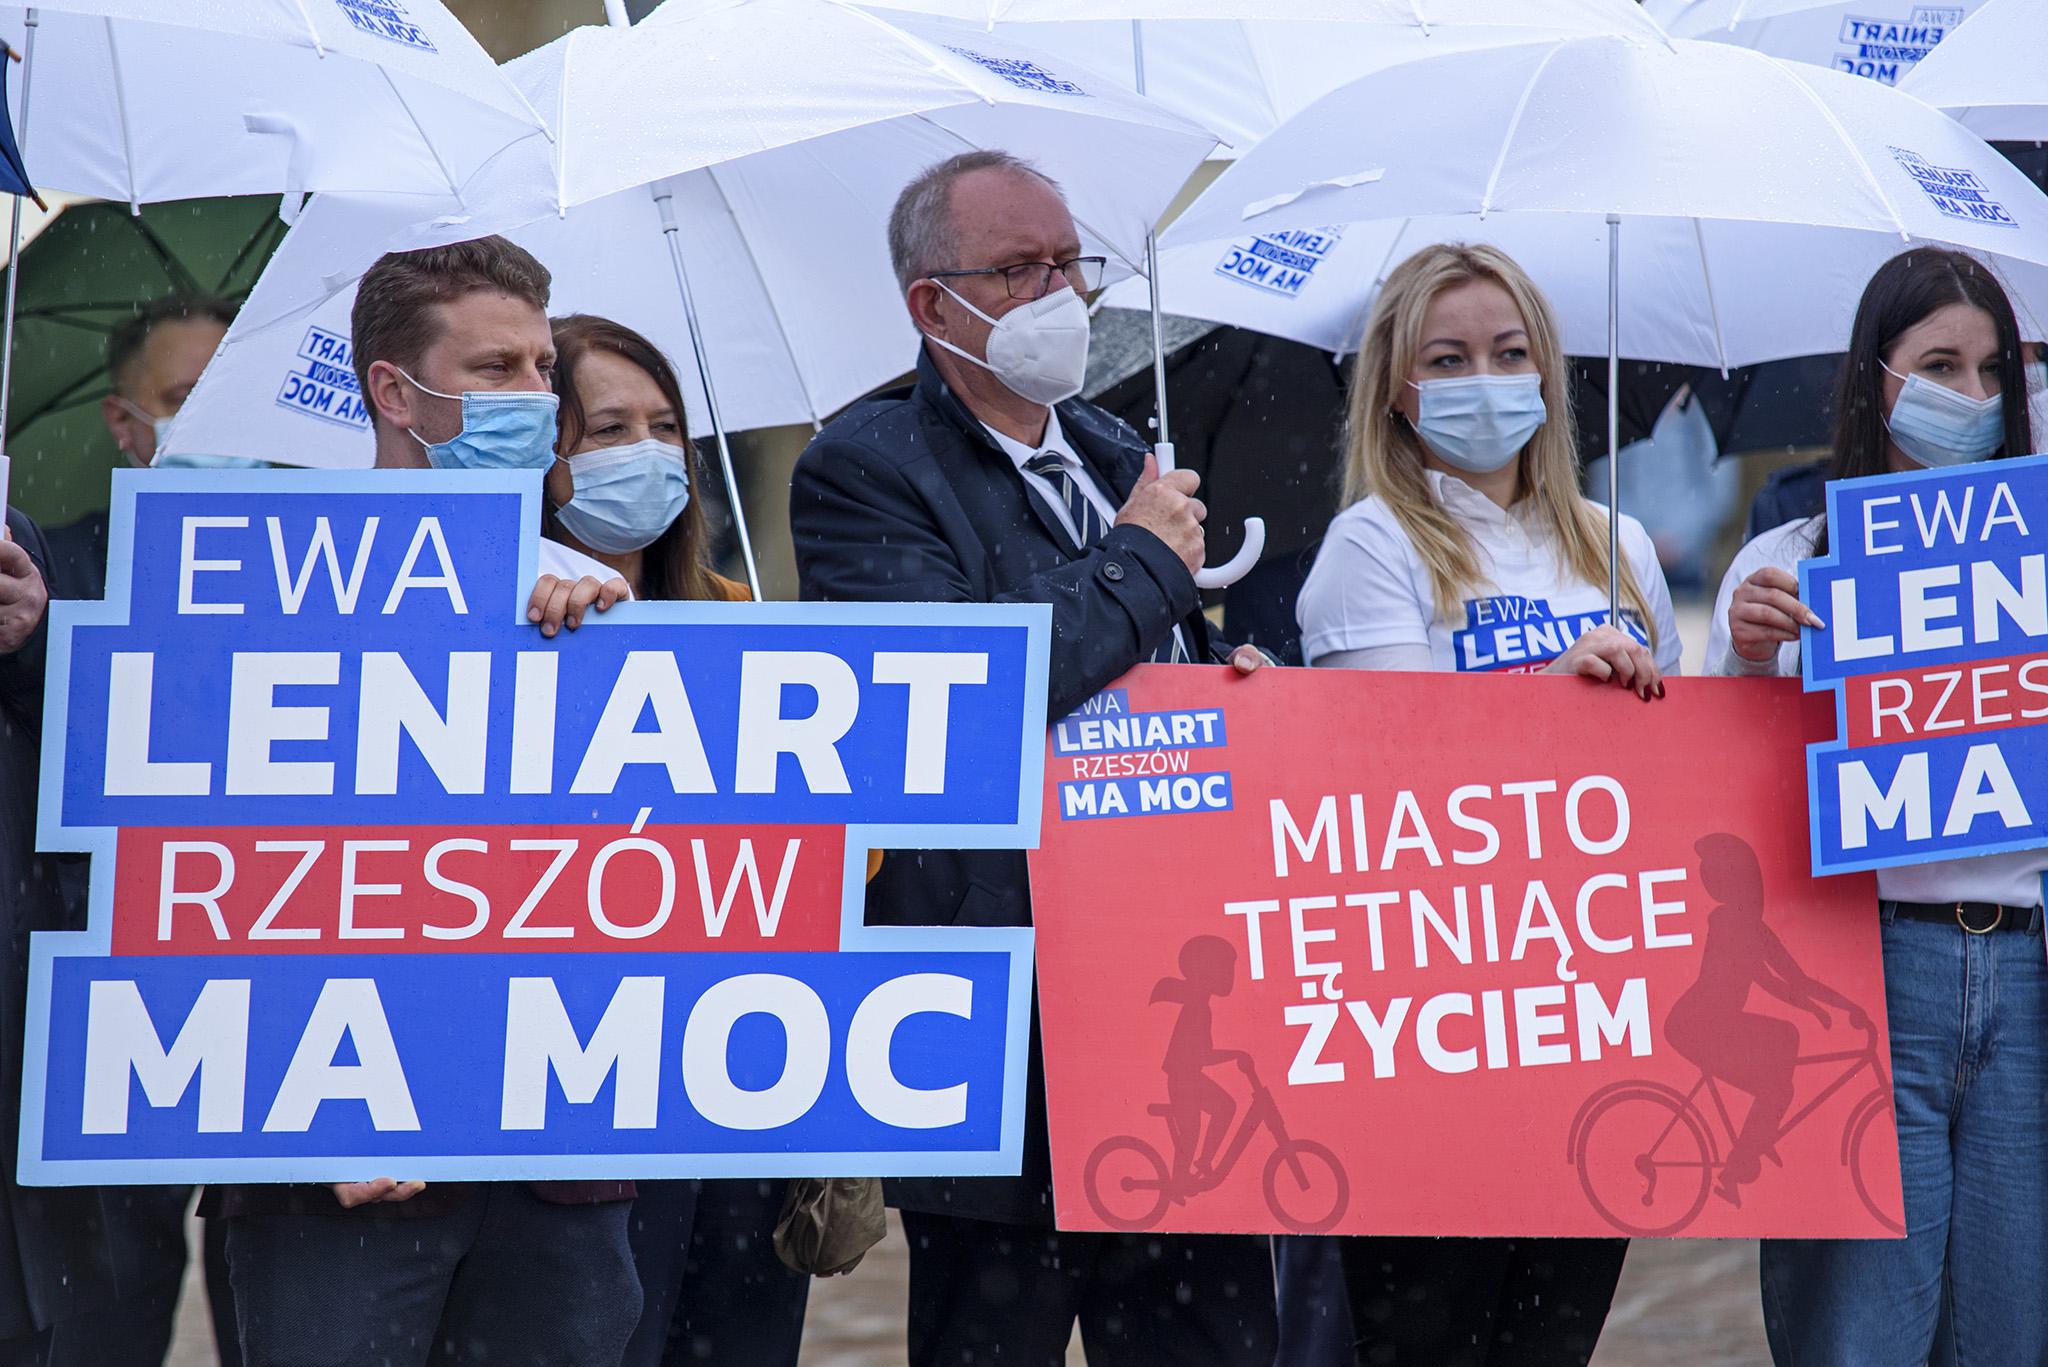 DSC_3118_RZESZOW_NEWS_SEBASTIAN_STANKIEWICZ